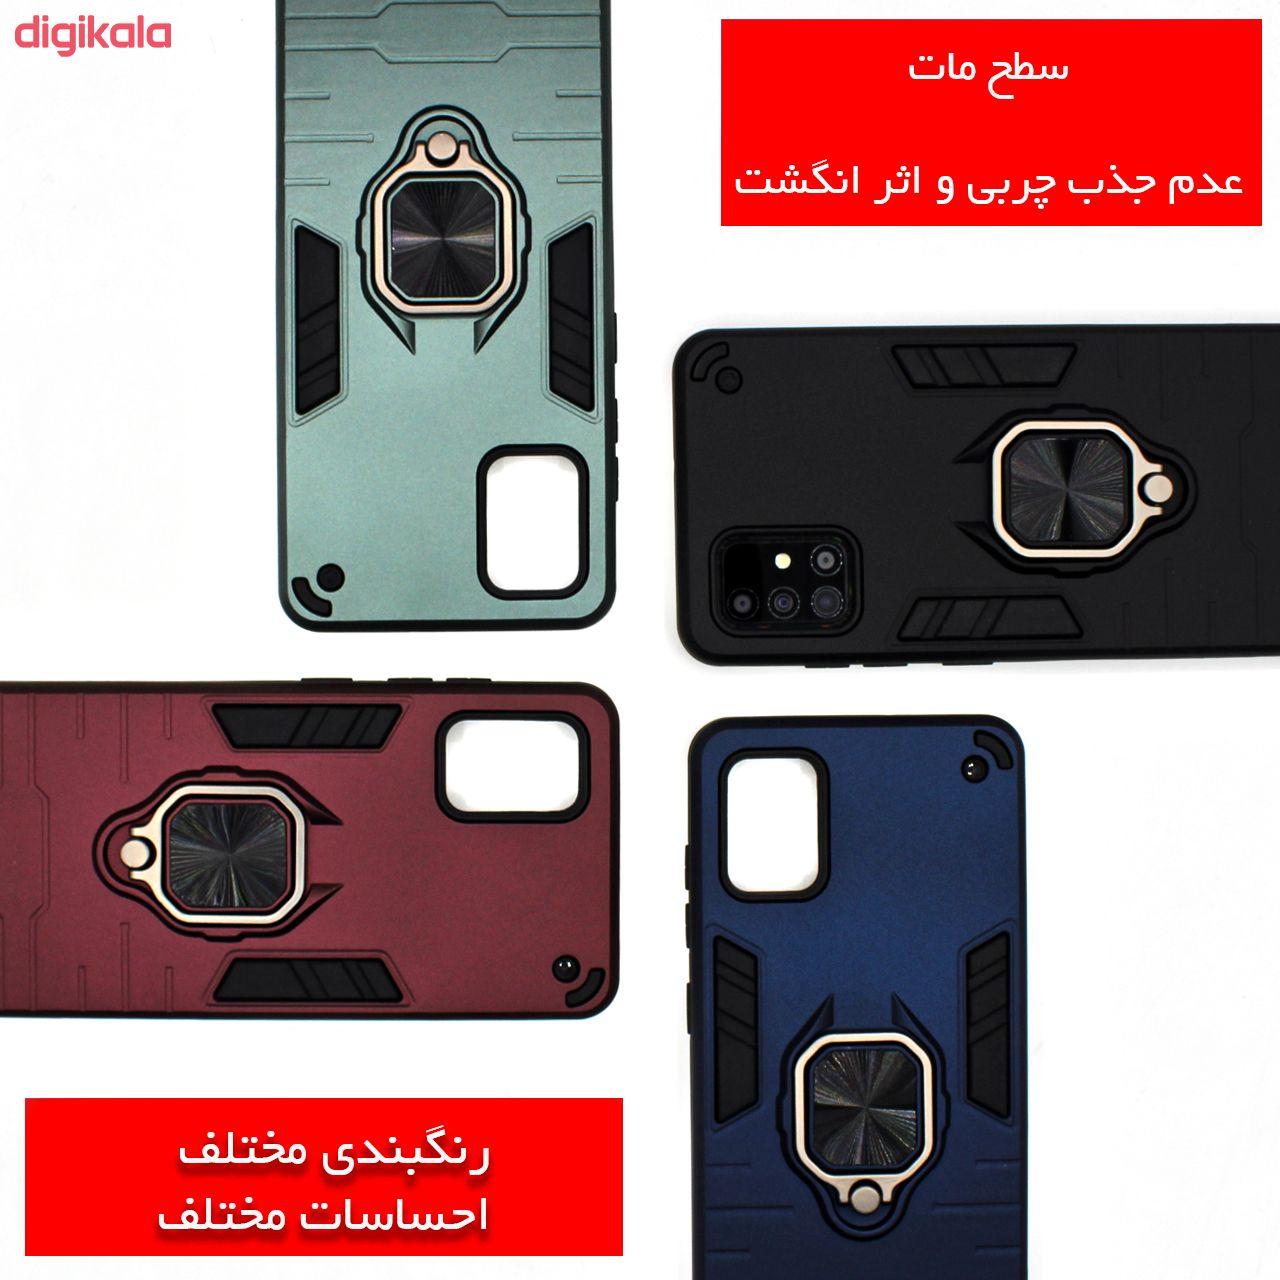 کاور کینگ پاور مدل ASH22 مناسب برای گوشی موبایل سامسونگ Galaxy A51 main 1 8